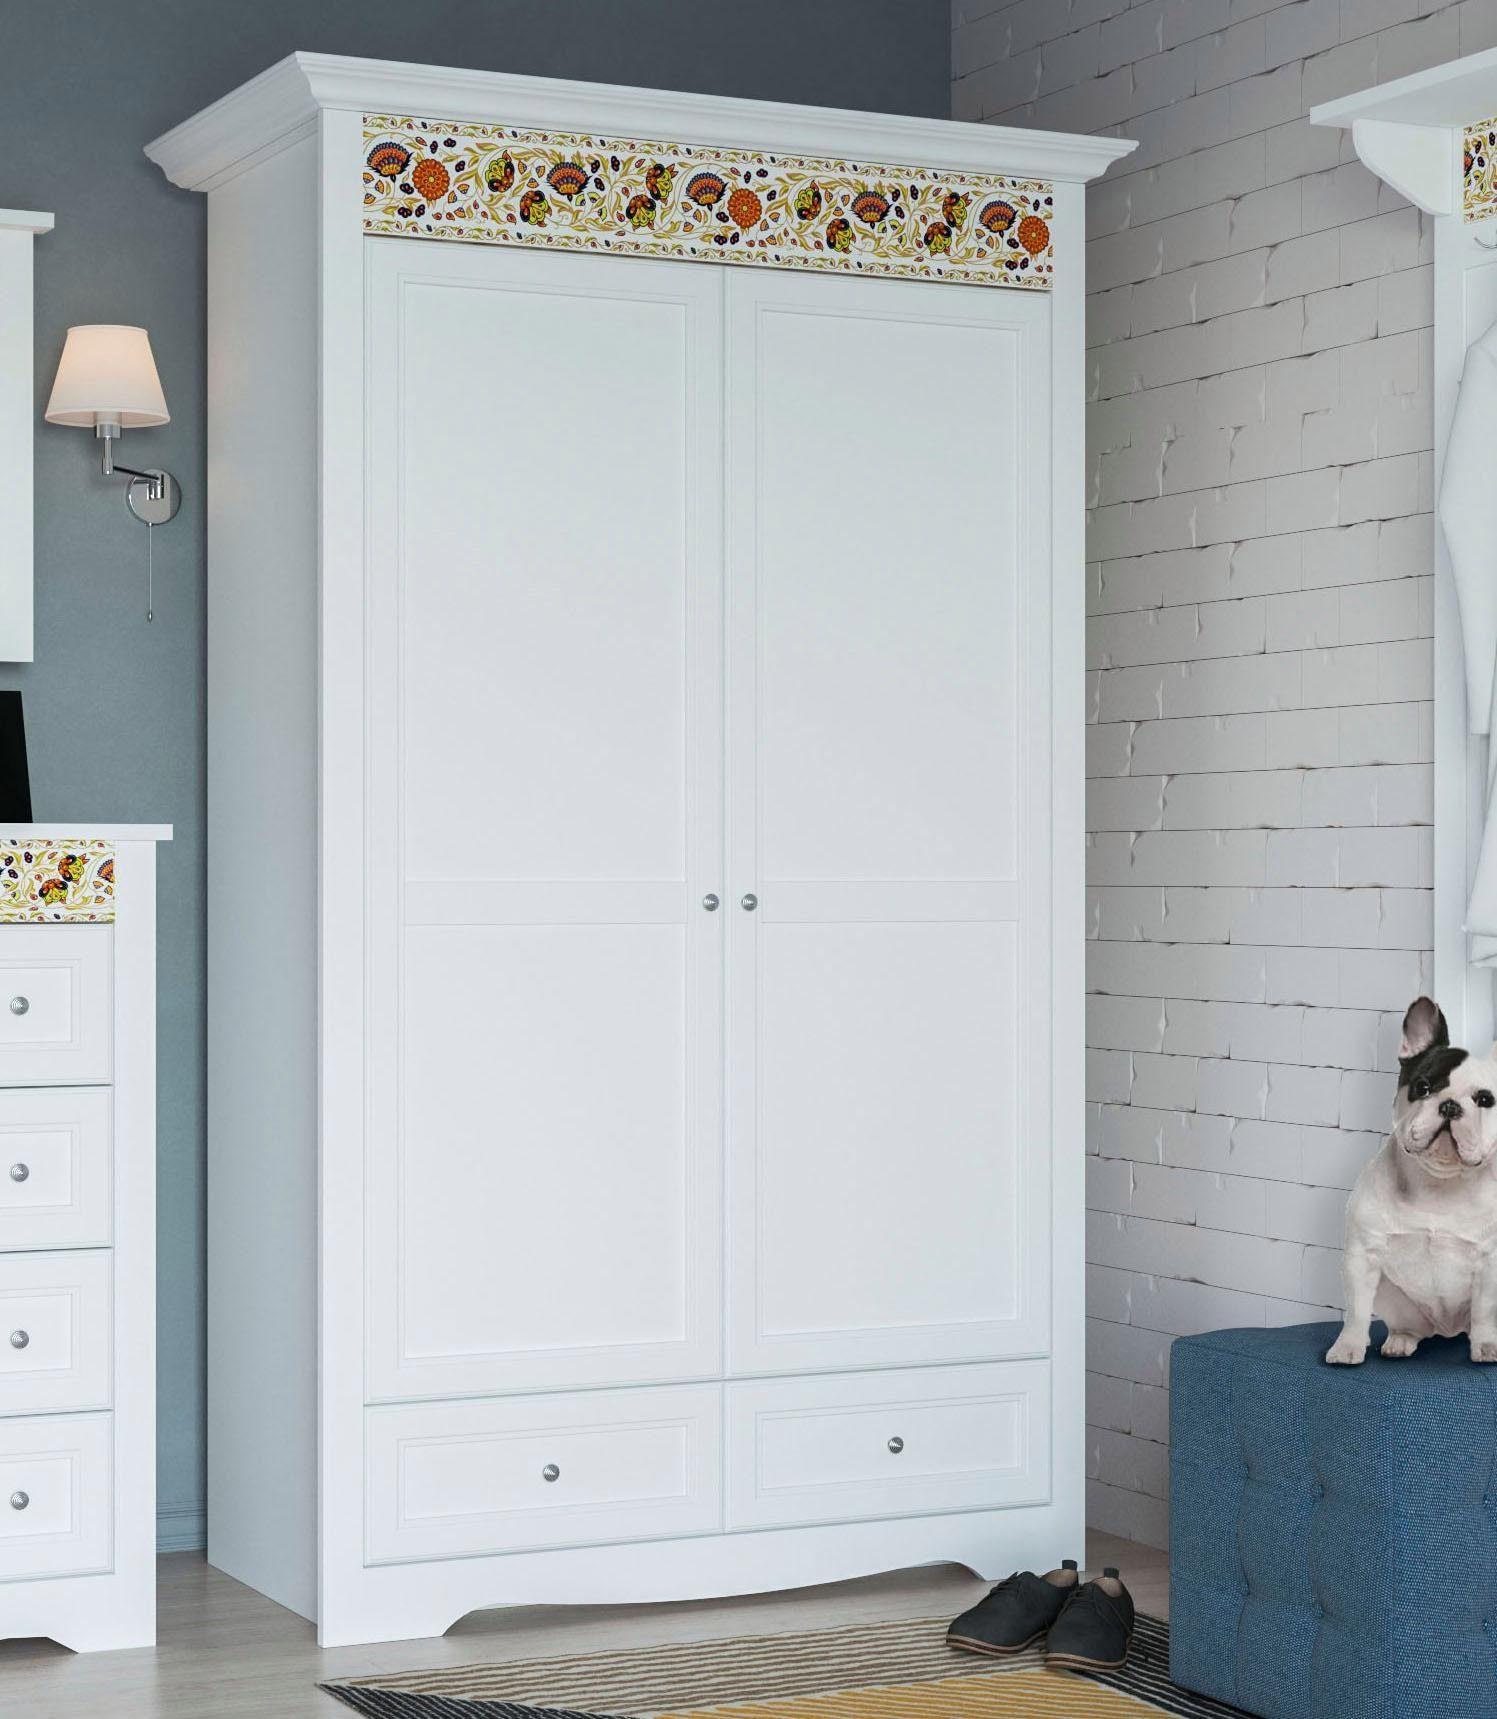 Home affaire Garderobenschrank »Elza«, weiß mit dekorativem Muster